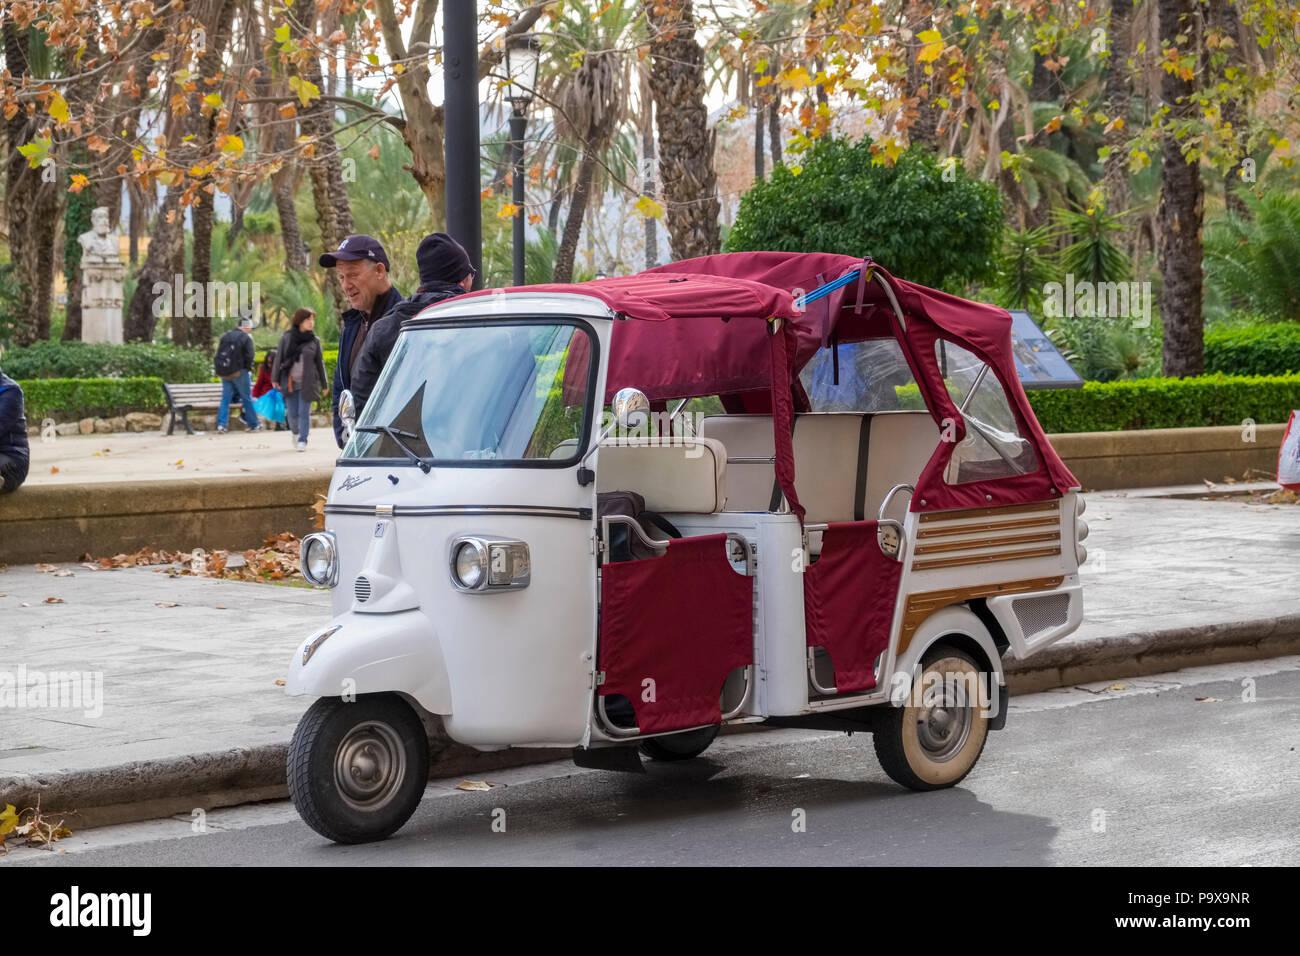 Touristische Taxi, Dreirad Taxi, Palermo, Sizilien, Italien, Europa Stockbild